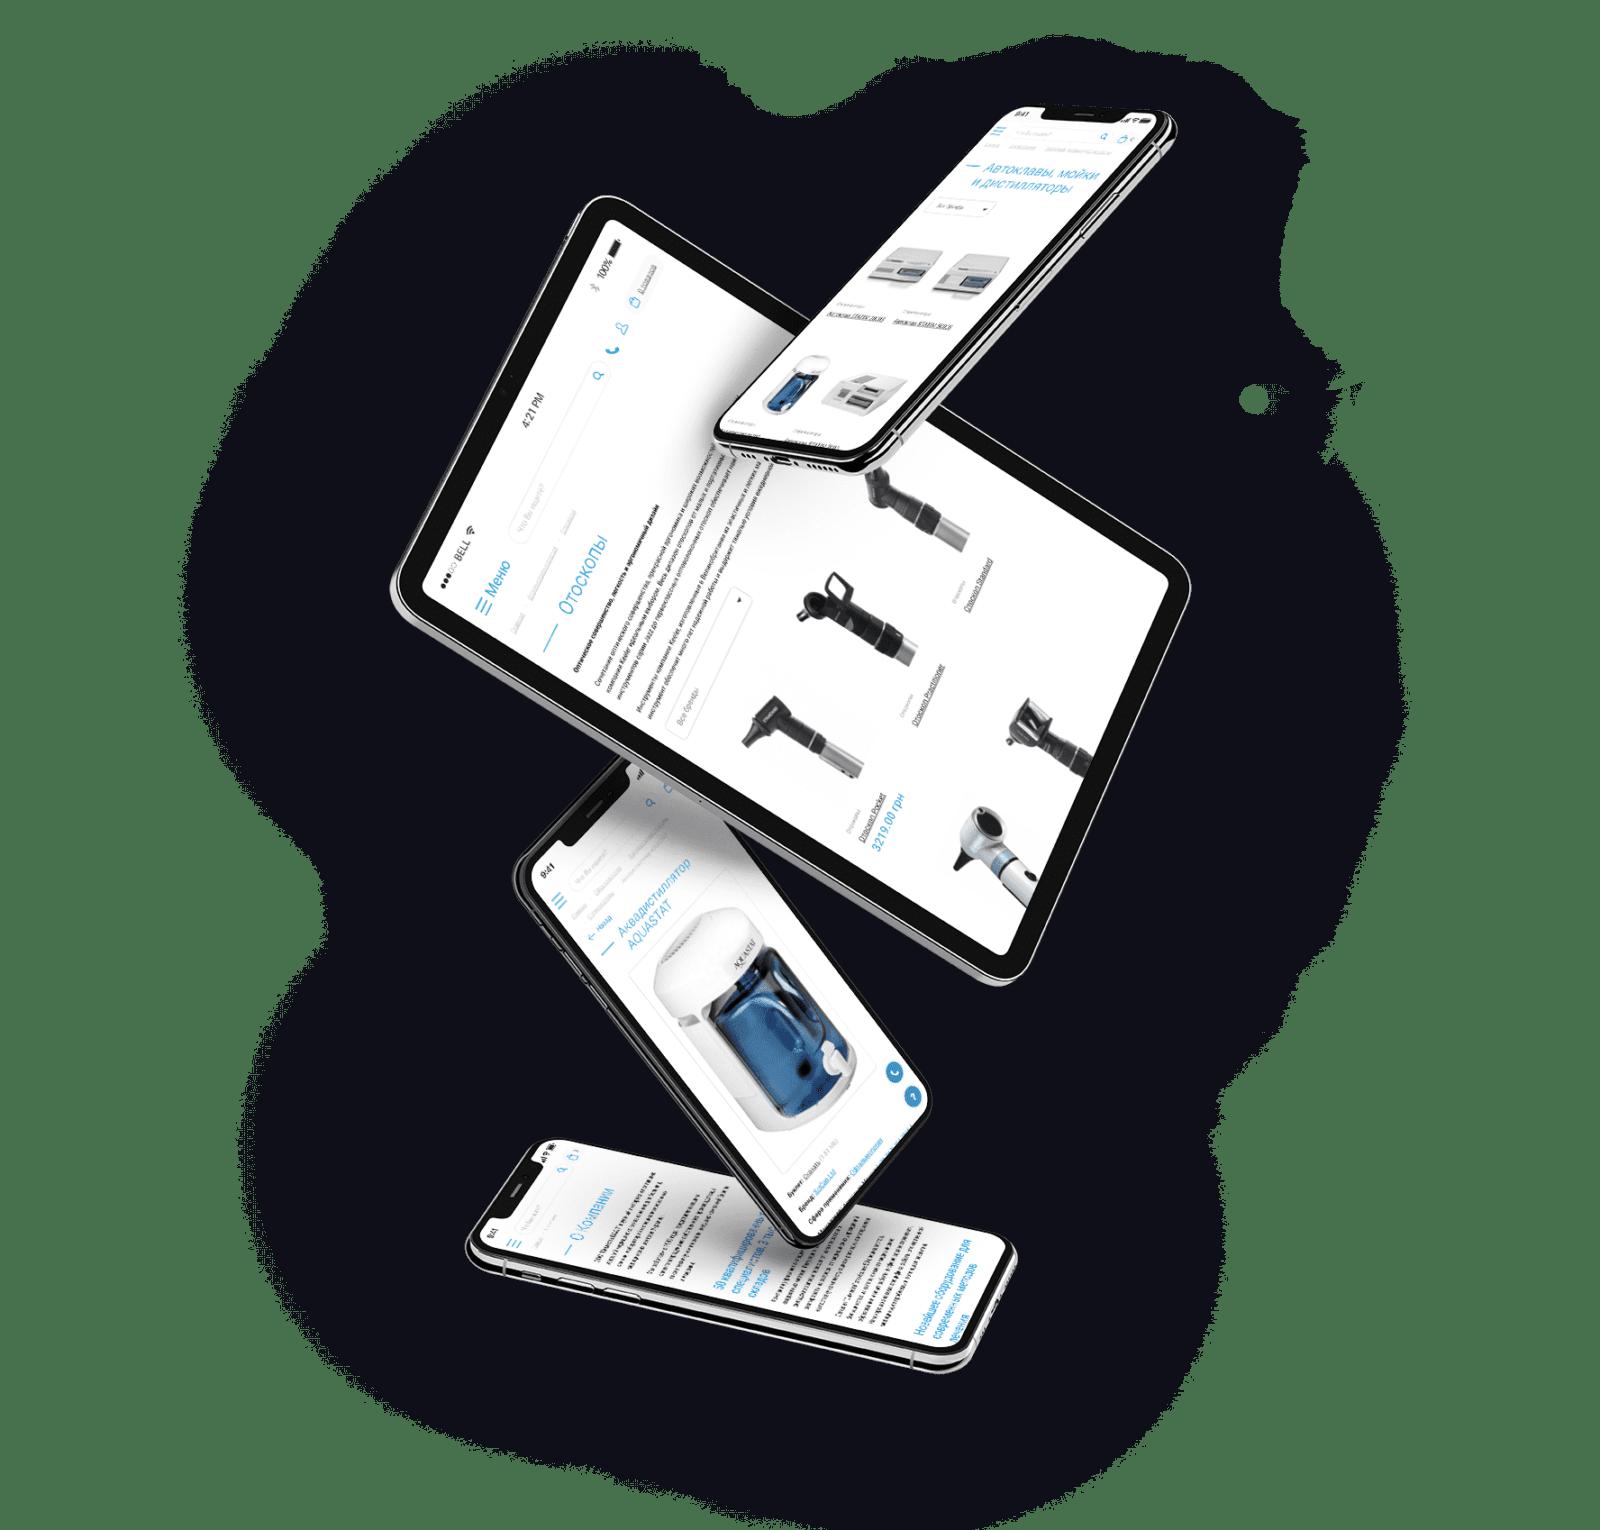 дизайн сайта медицинского оборудования